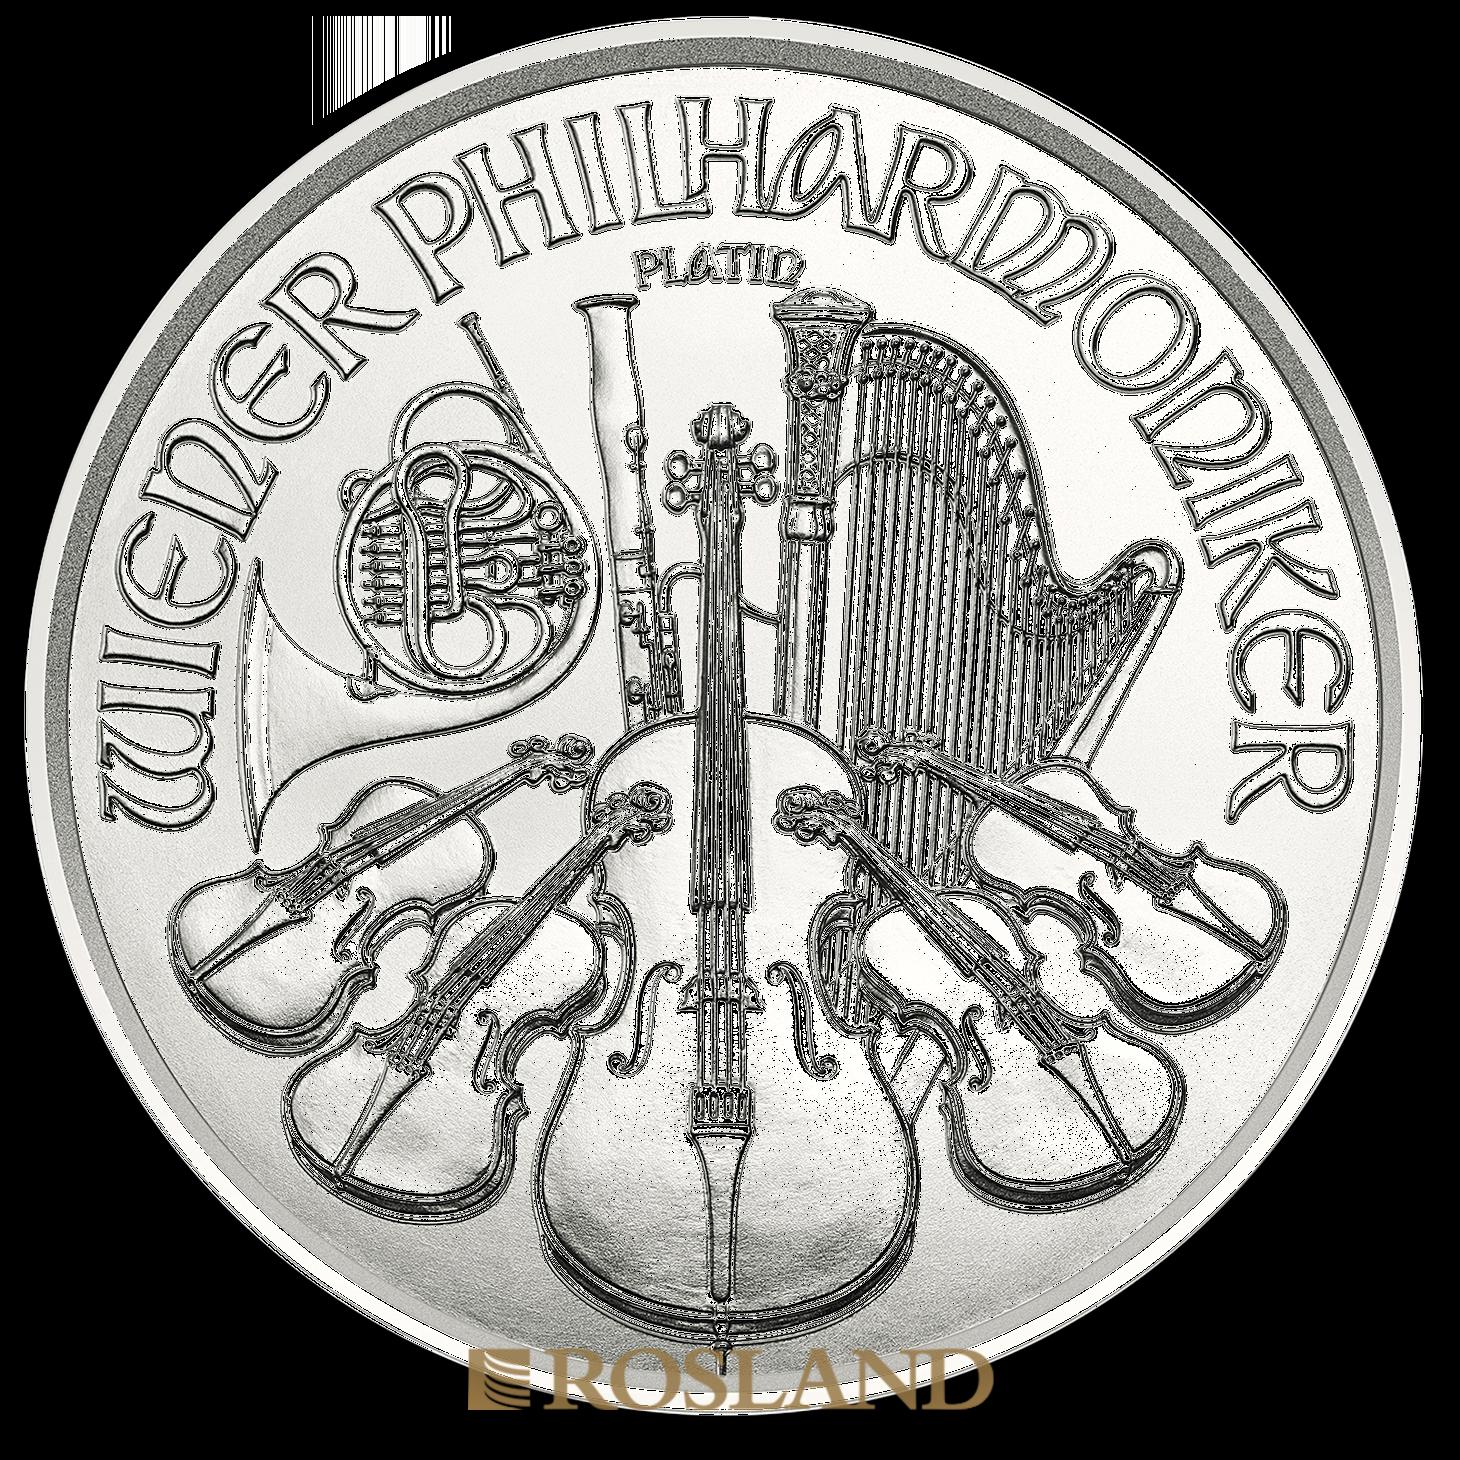 1 Unze Platinmünze Wiener Philharmoniker 2019